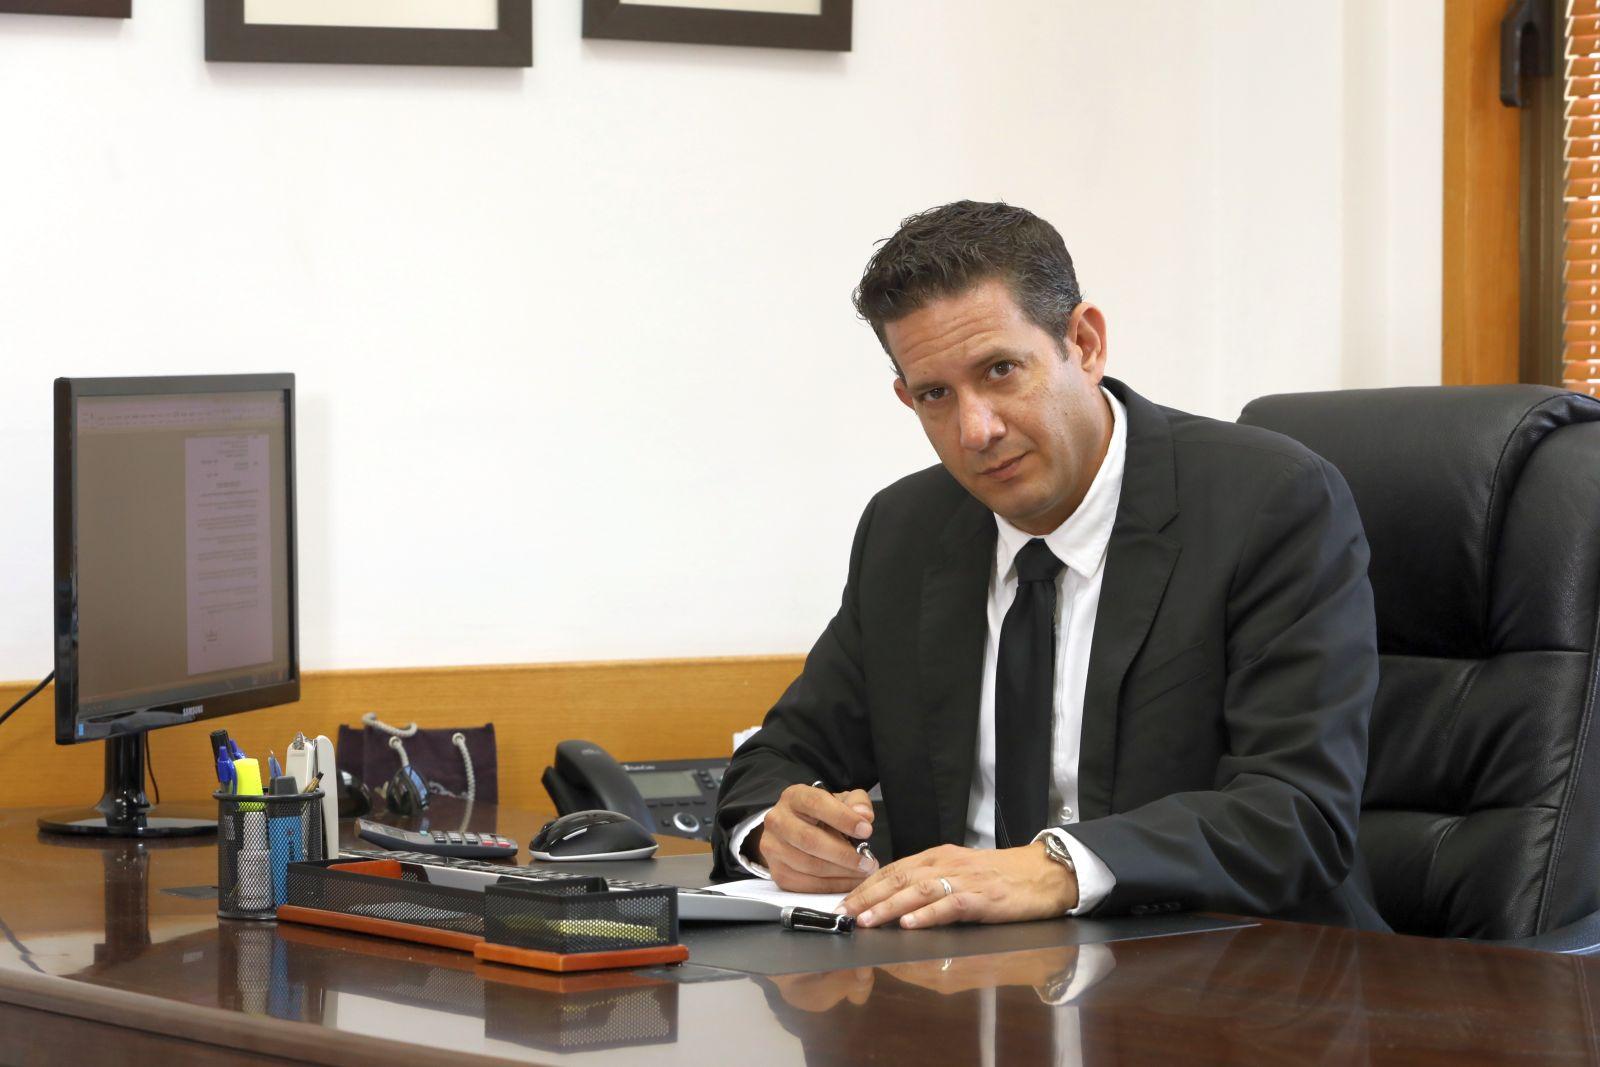 משרד עורכי דין רונן ליברט